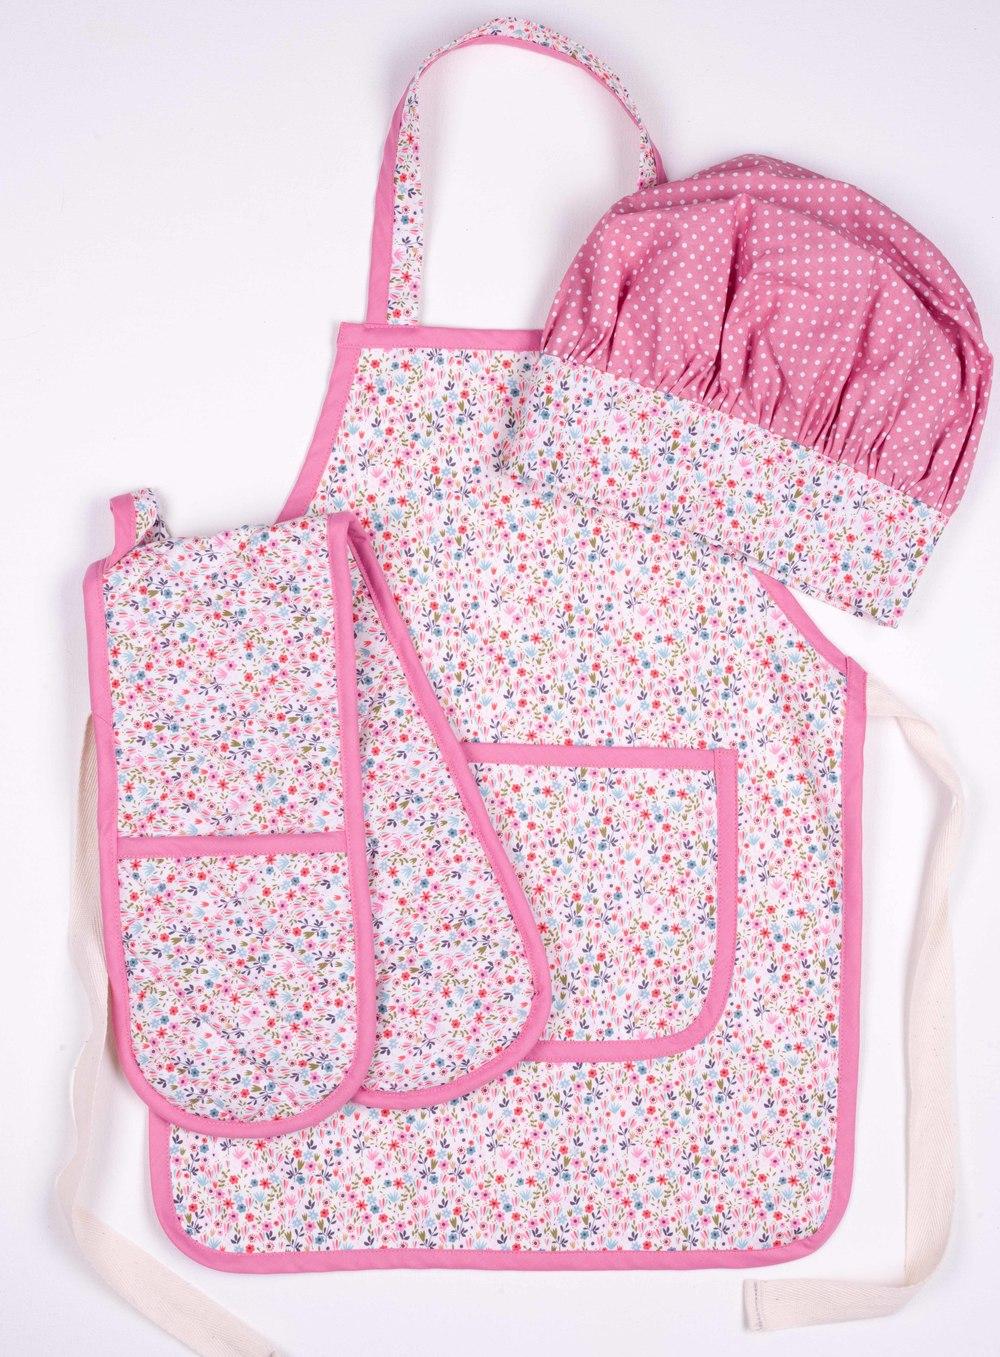 Skoo KidsKitchen Pink Floral Print Set